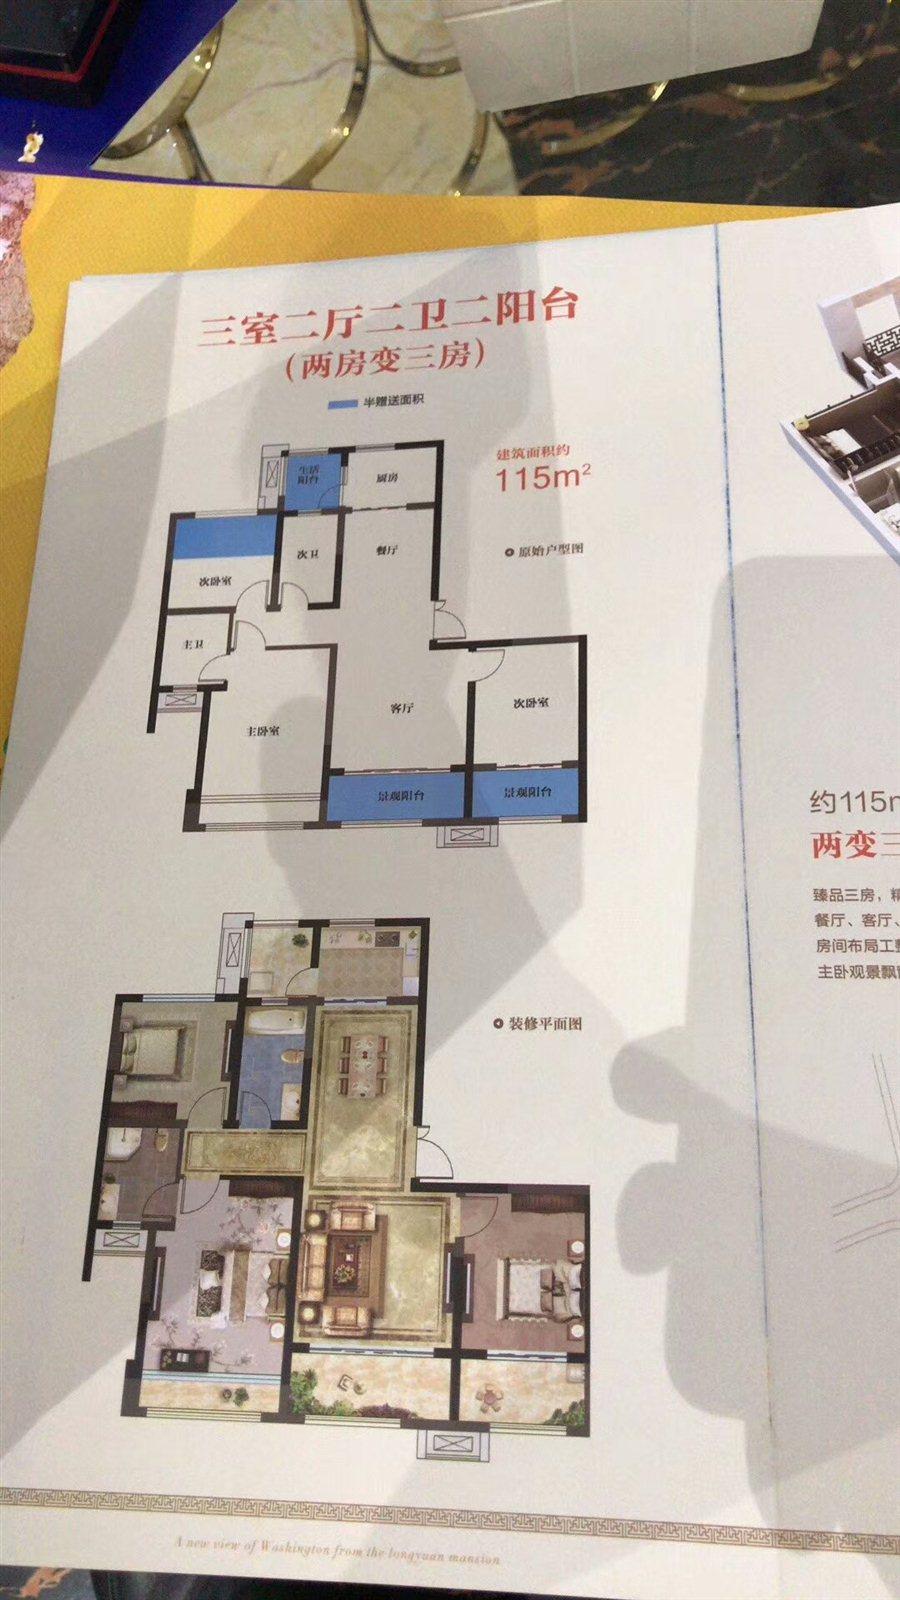 凯里市翼天首府3室 2厅 2卫首付13至15万元